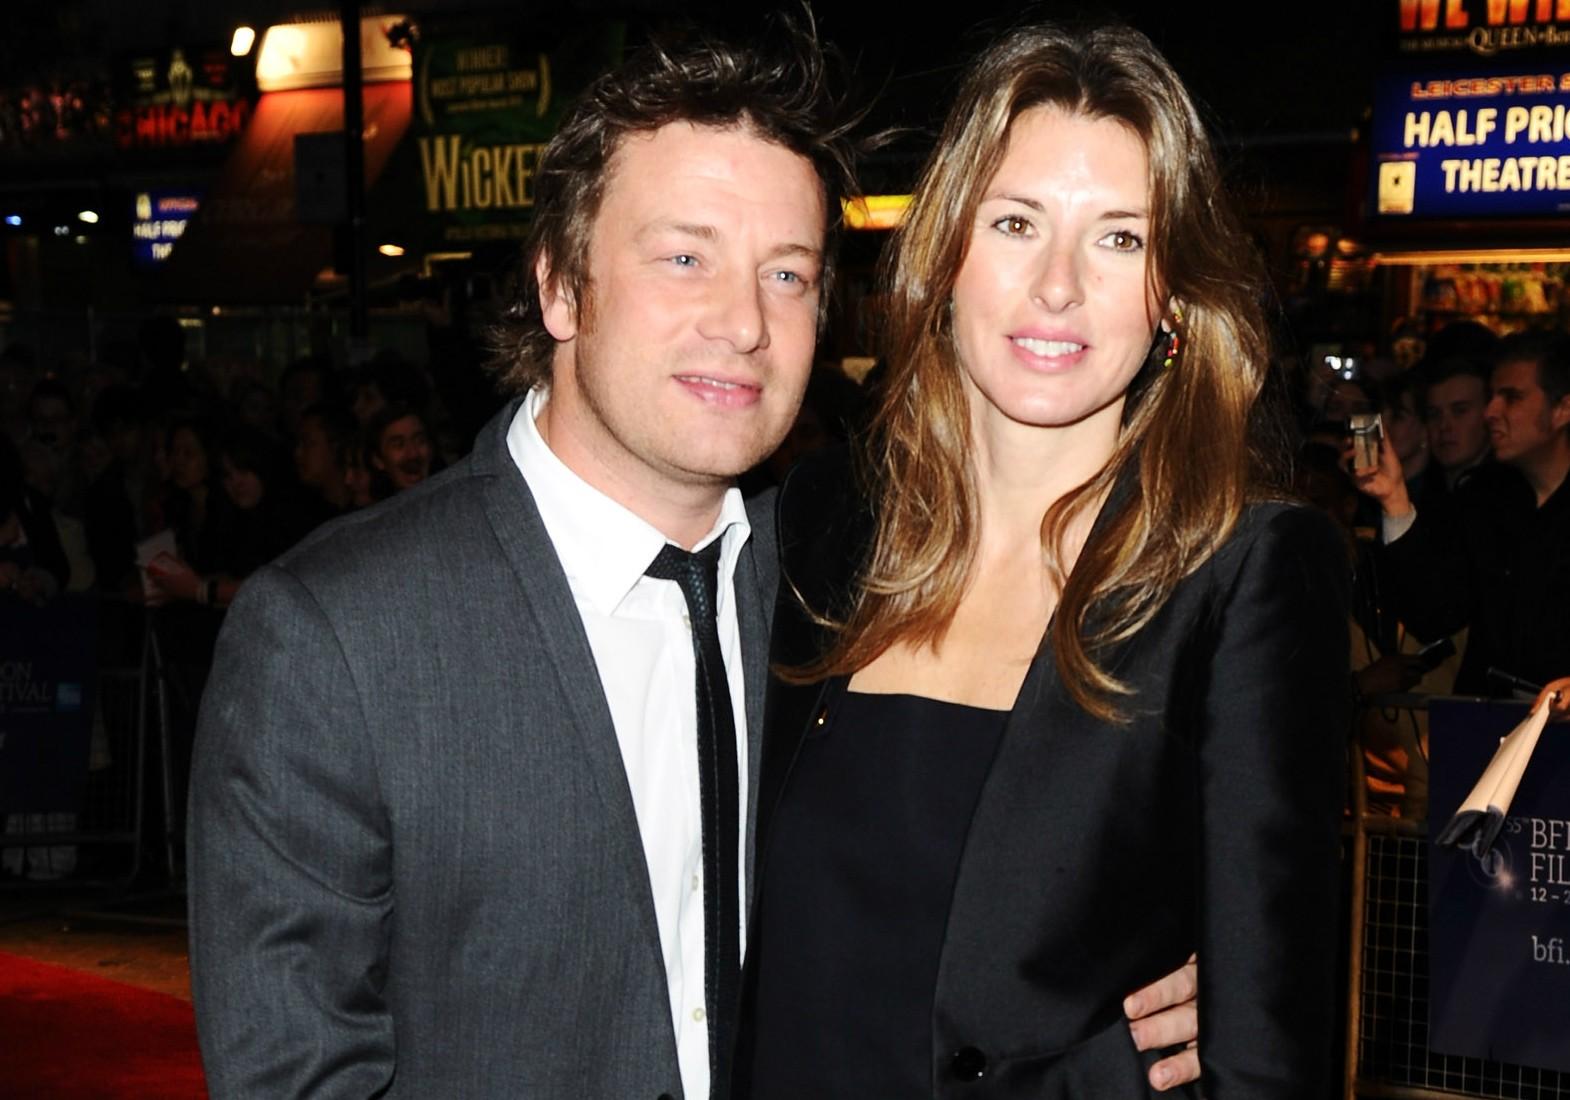 """O chef Jamie Oliver e a esposa, Jools, deram os seguintes nomes aos quatro filhos deles: Buddy Bear (""""amigo urso"""") Maurice; Daisy Boo (""""margarida 'bu'"""") Pamela; Poppy Honey (""""mel de papoula"""") Rosie; e Petal Blossom Rainbow (""""pétala flor arco-íris""""). (Foto: Getty Images)"""